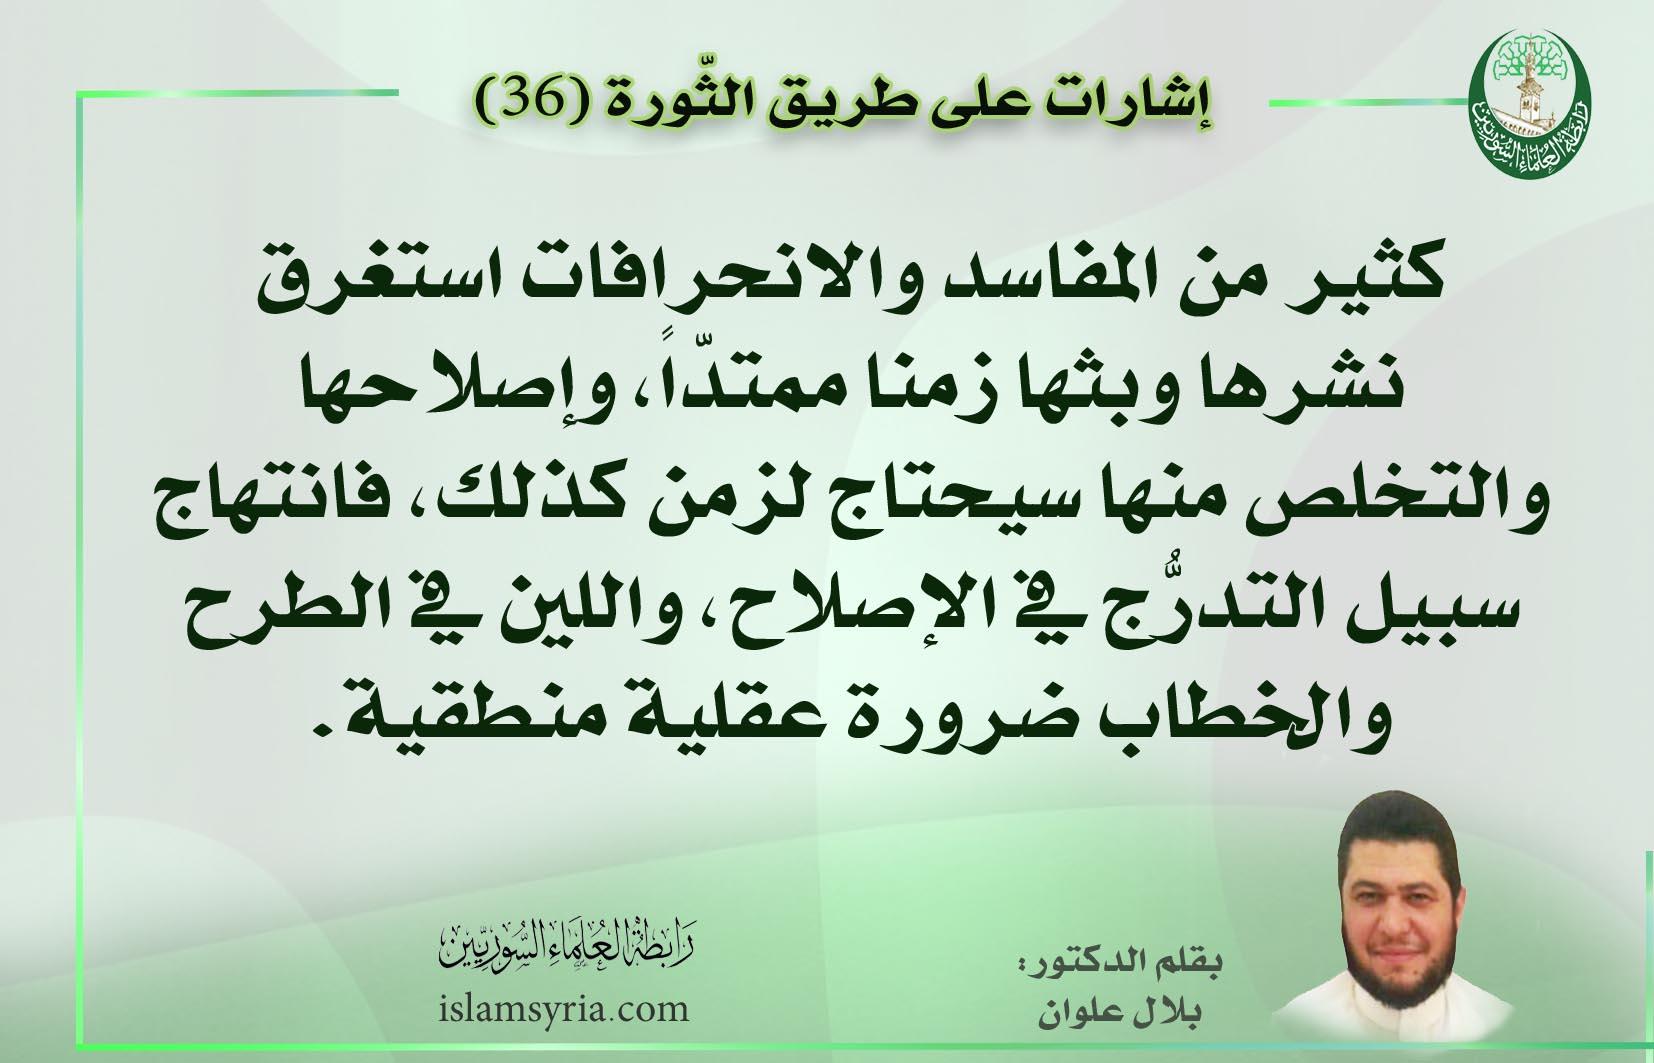 إشارات على طريق الثورة 36||د. بلال علوان